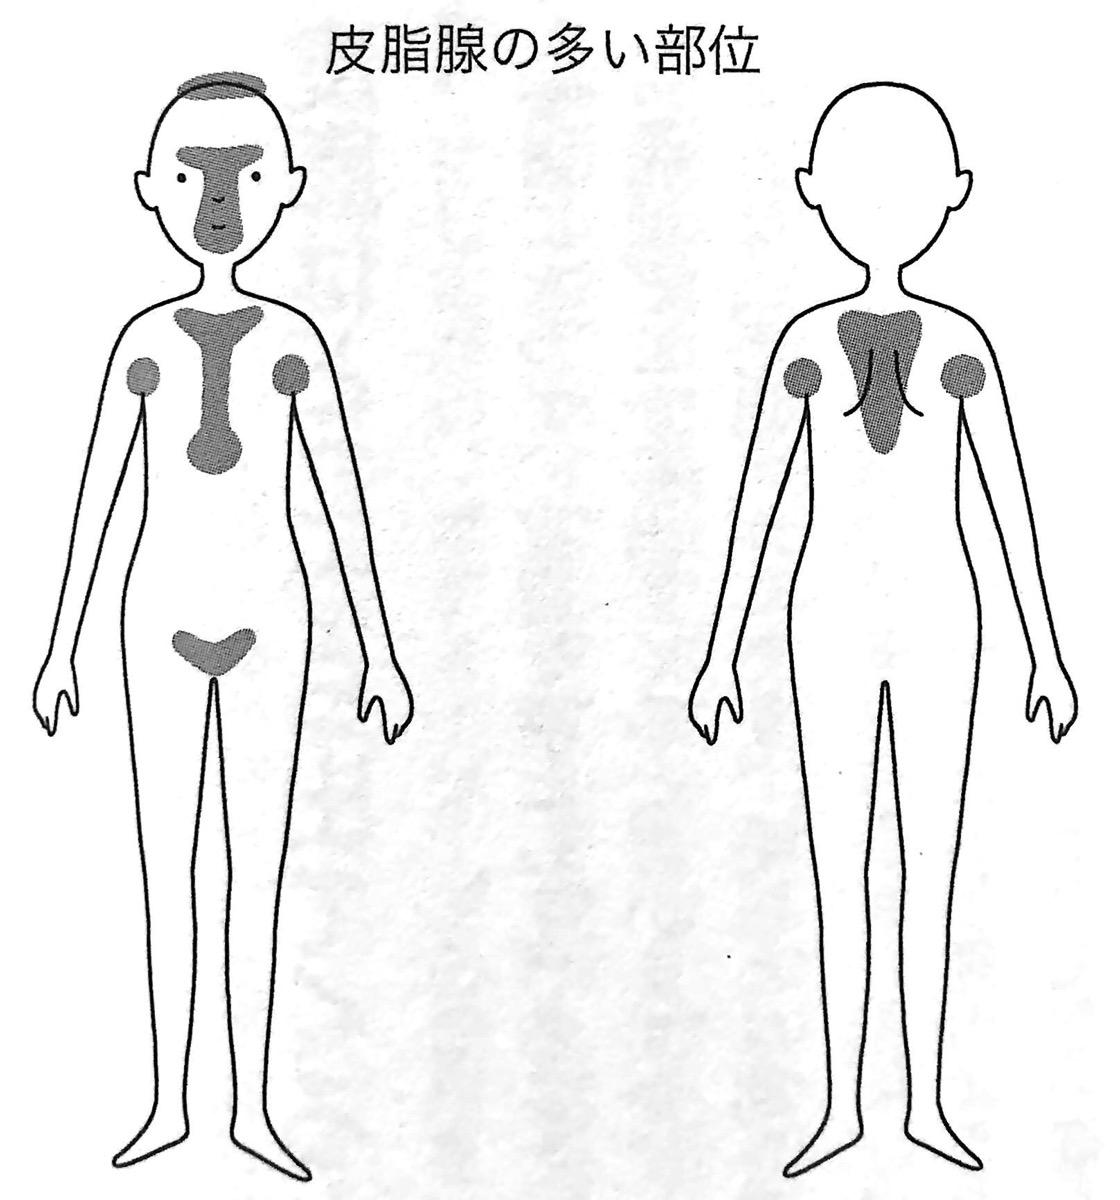 図1 皮脂腺の多い部分 お湯だけ洗い であなたの肌がよみがえる 第1章